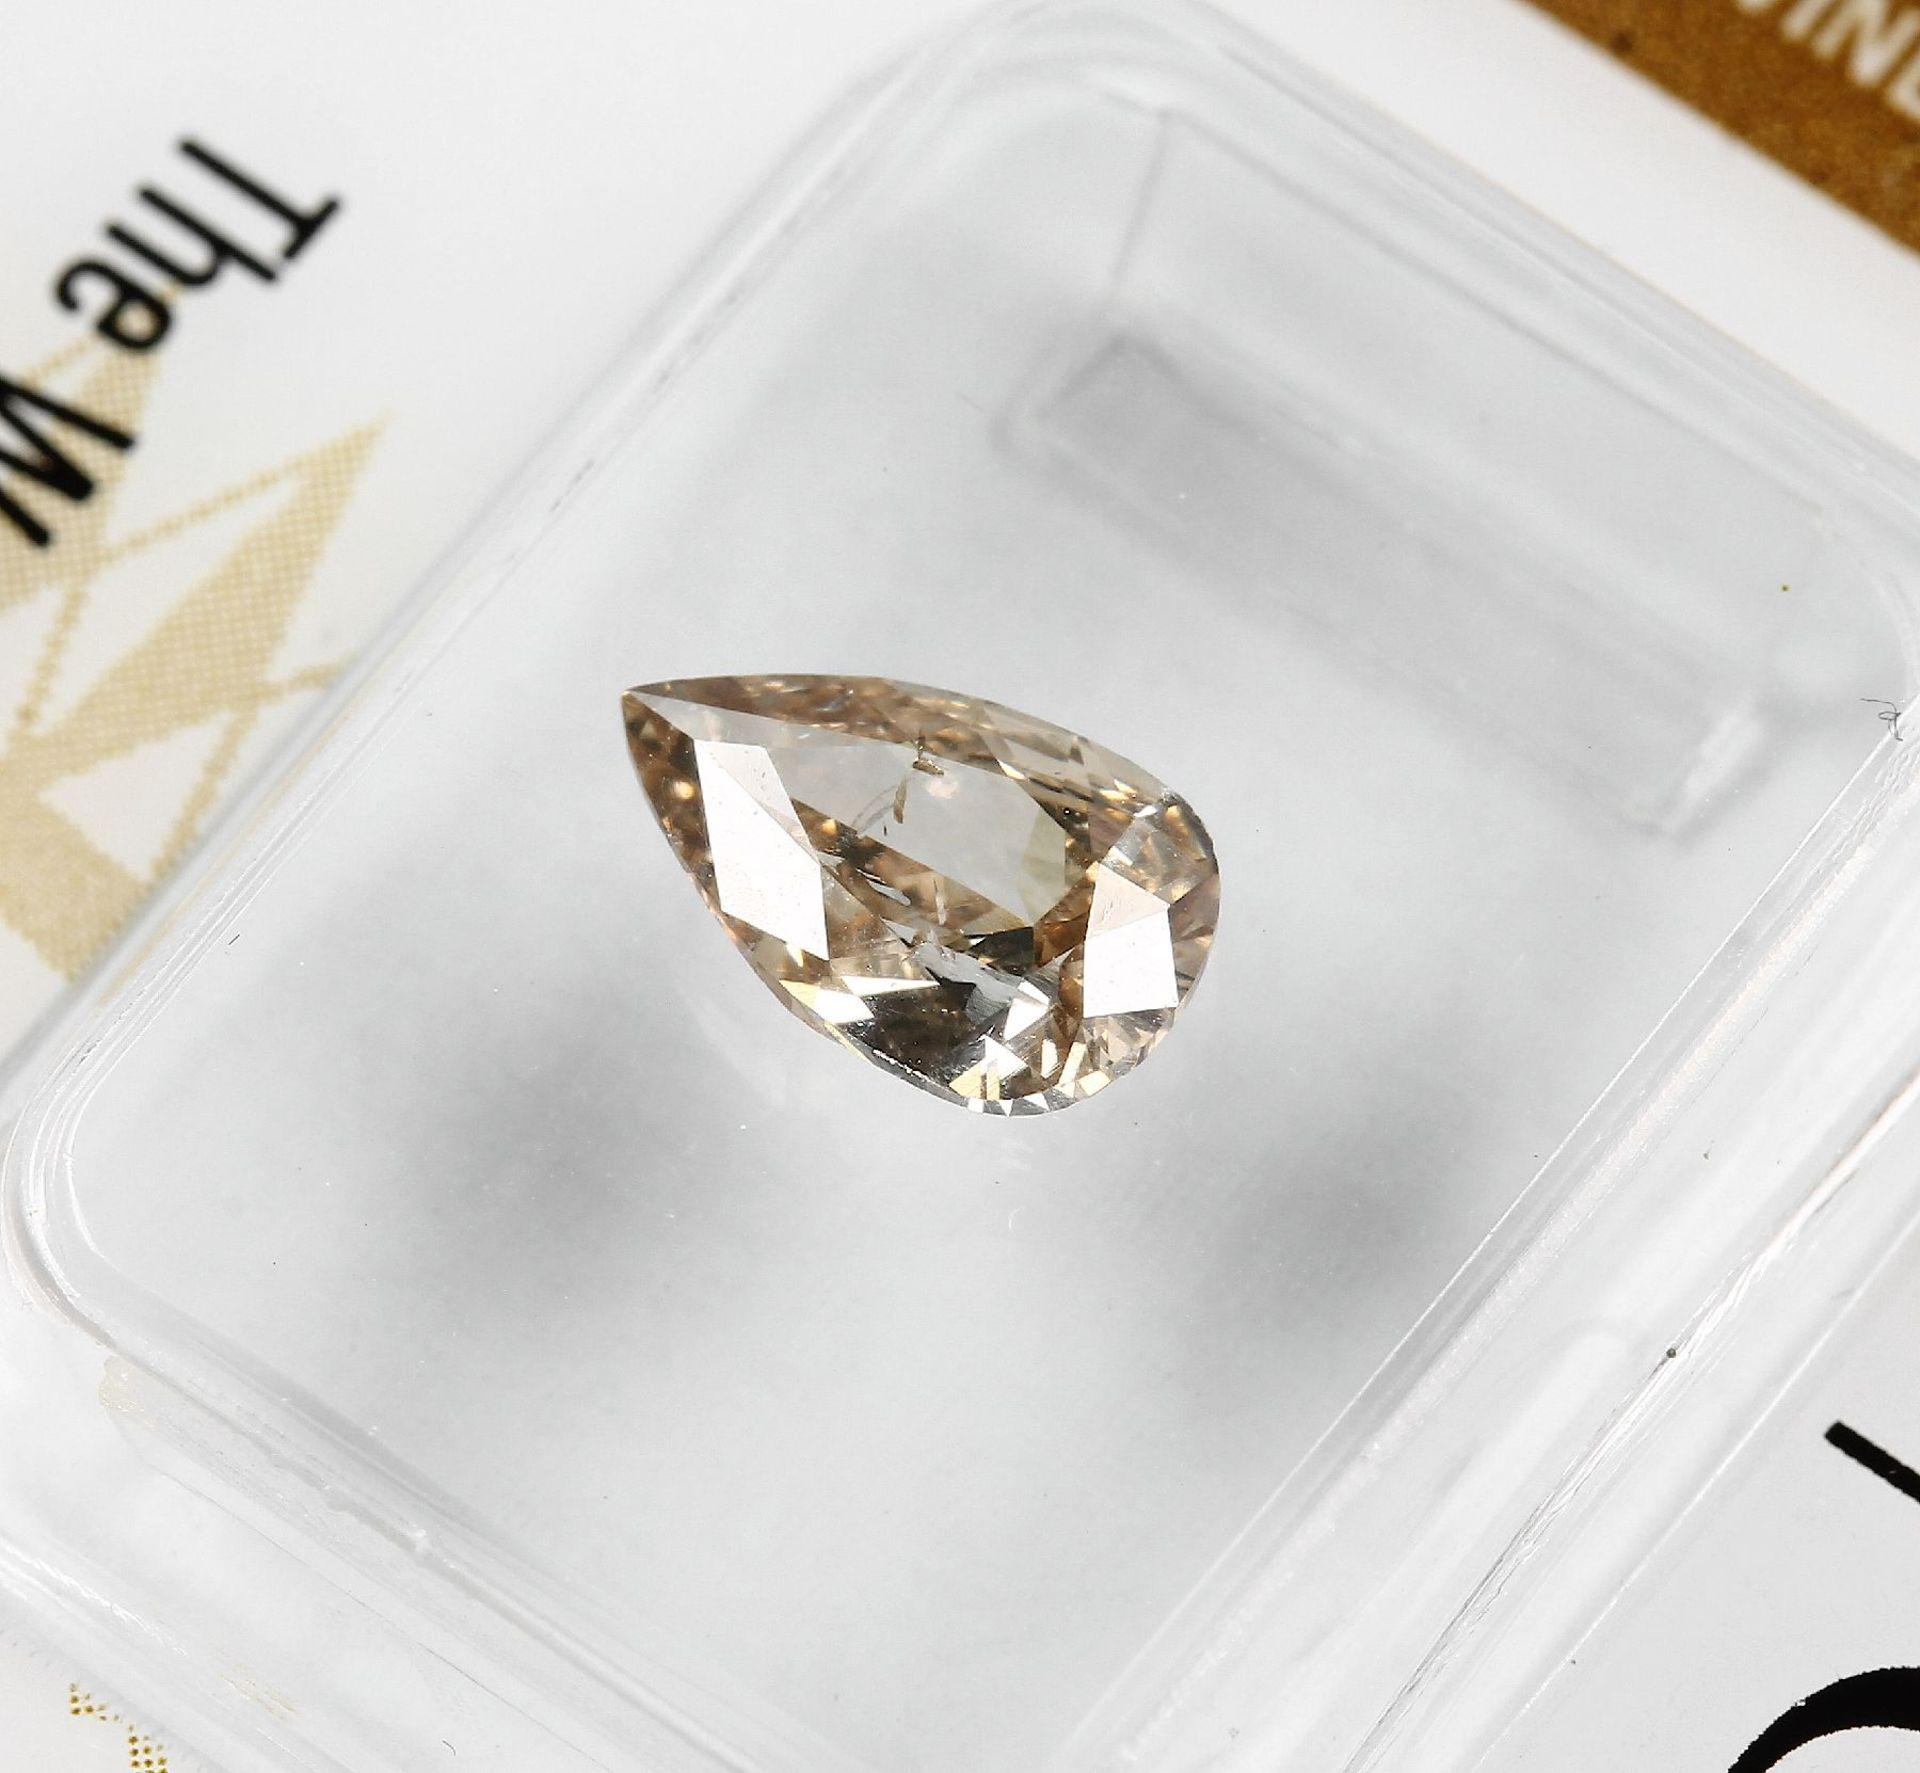 Loser Diamant, 0.81 ct Natural fancy Yellow-Brown, tropfenf. facett., verschweißt, mit GIA-Expertise - Bild 3 aus 4